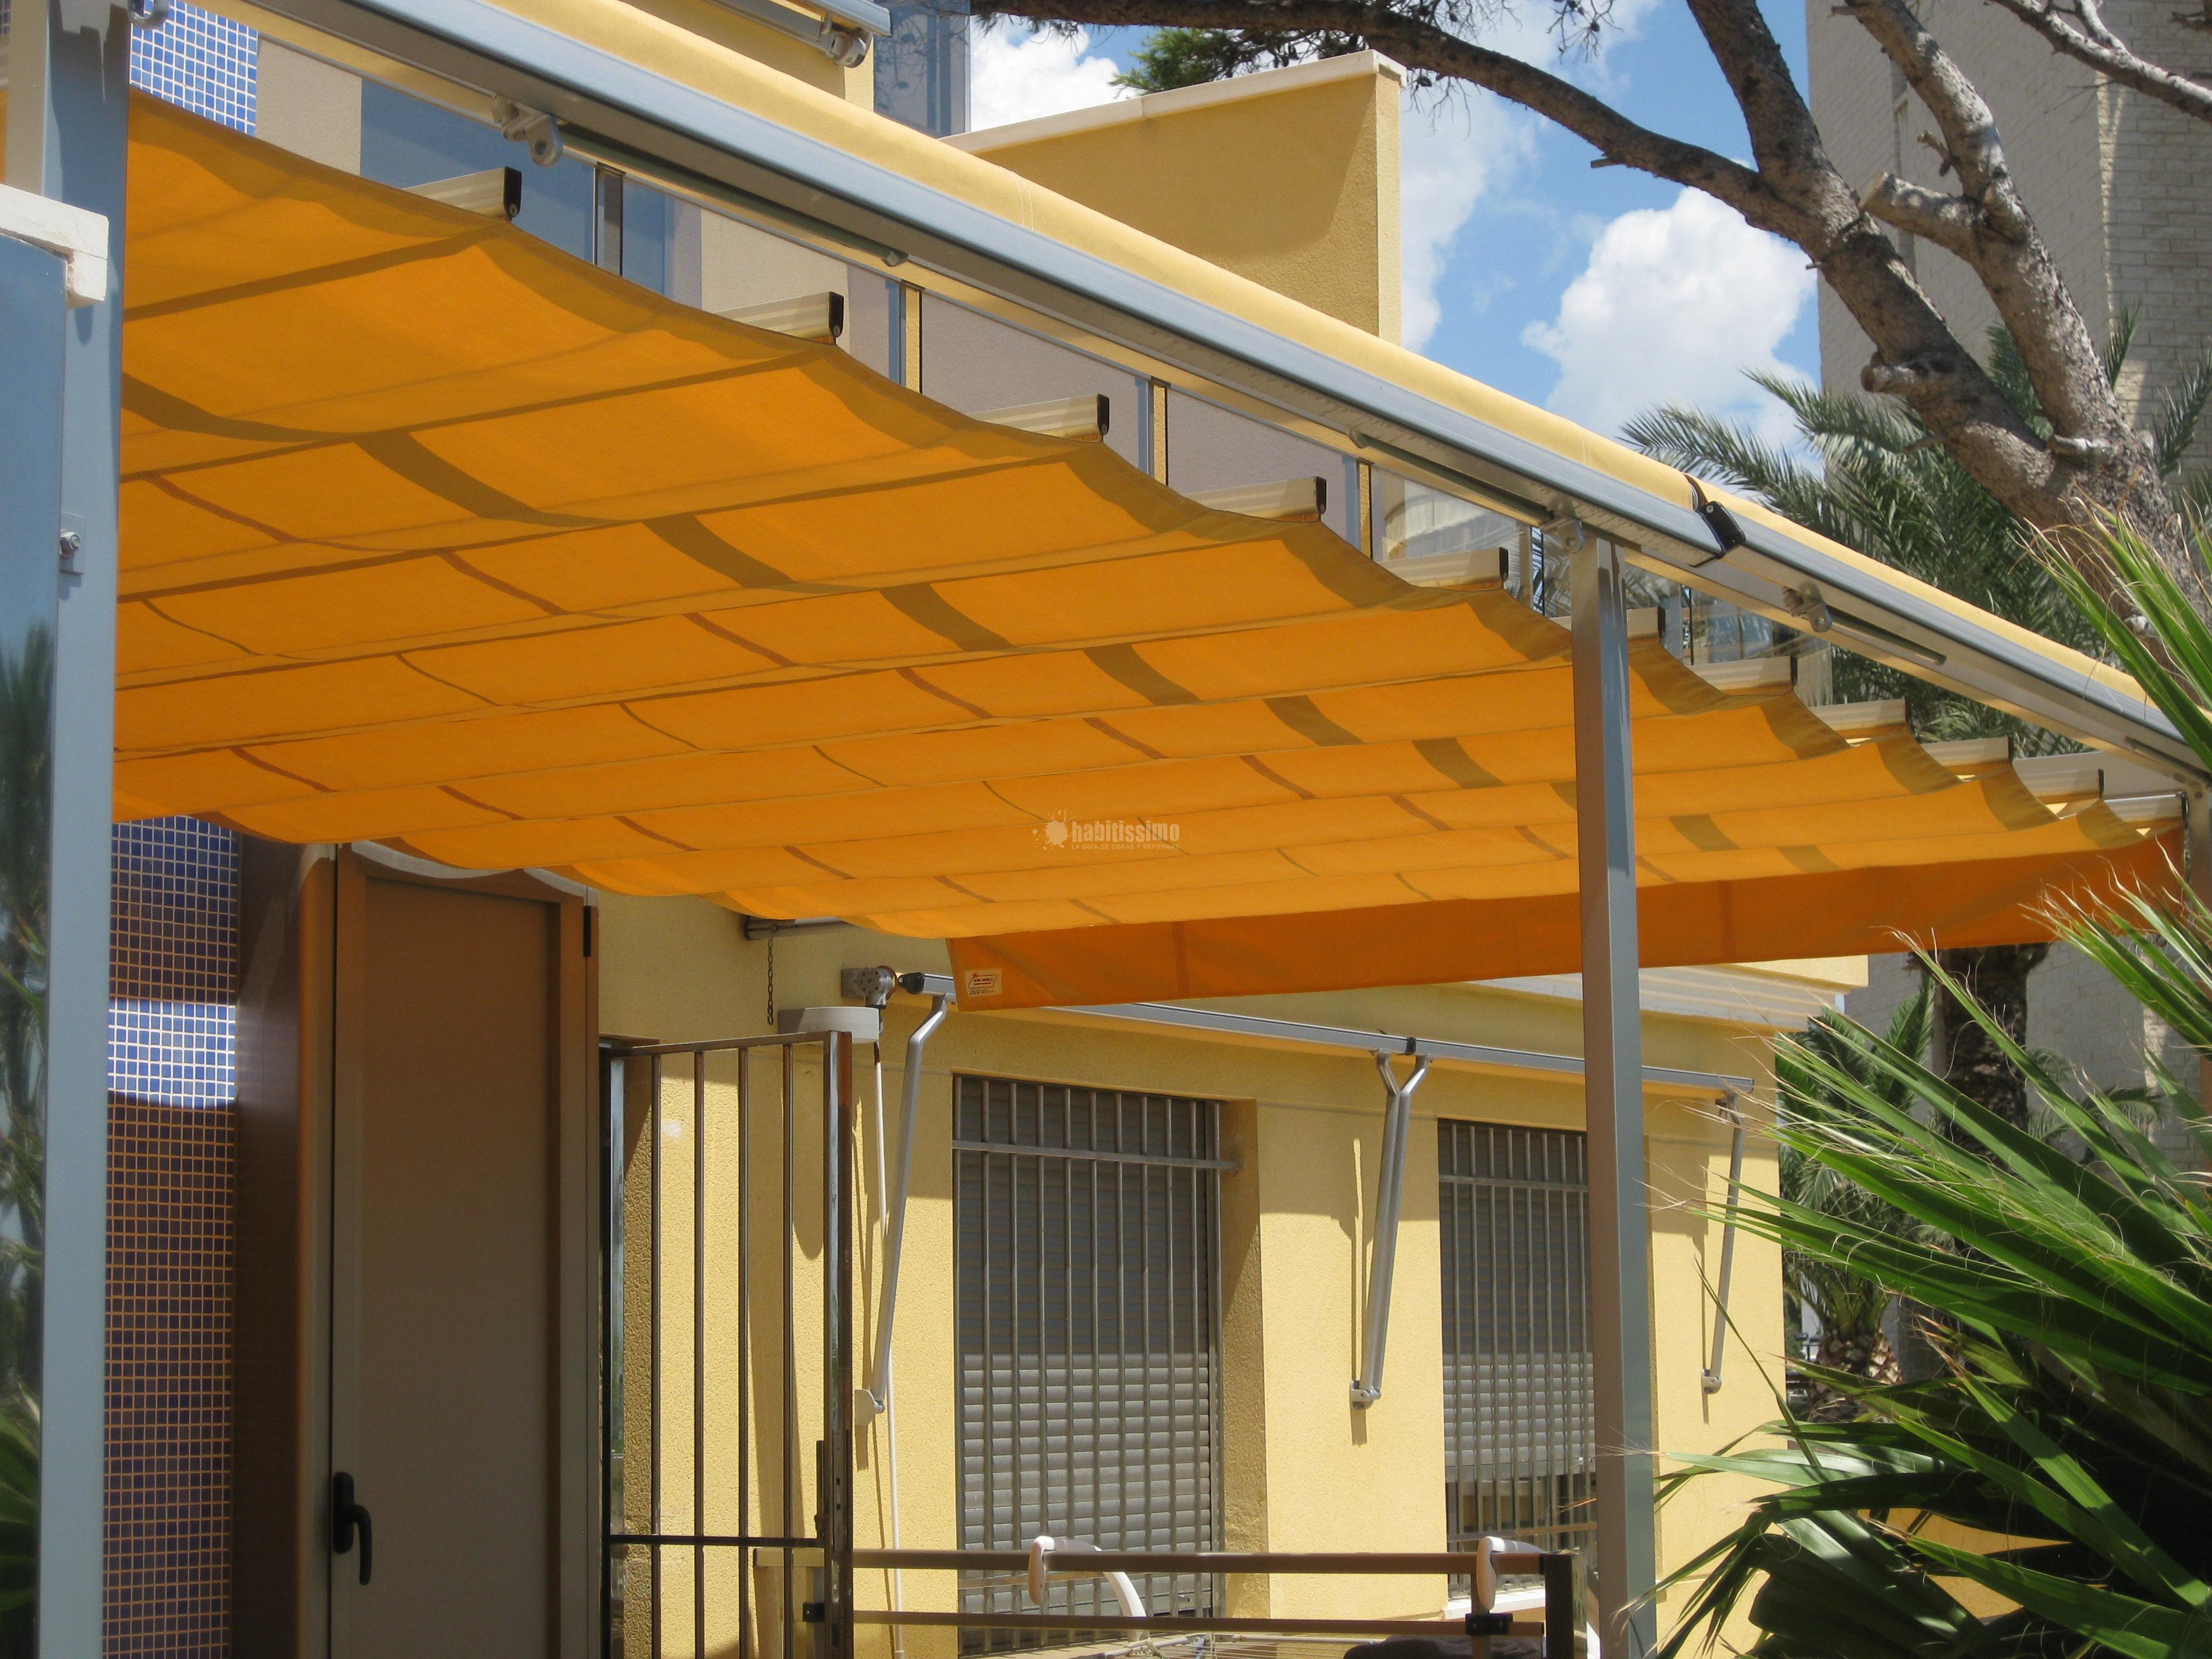 Precios de toldos de terraza dise os arquitect nicos for Toldos para balcones precios